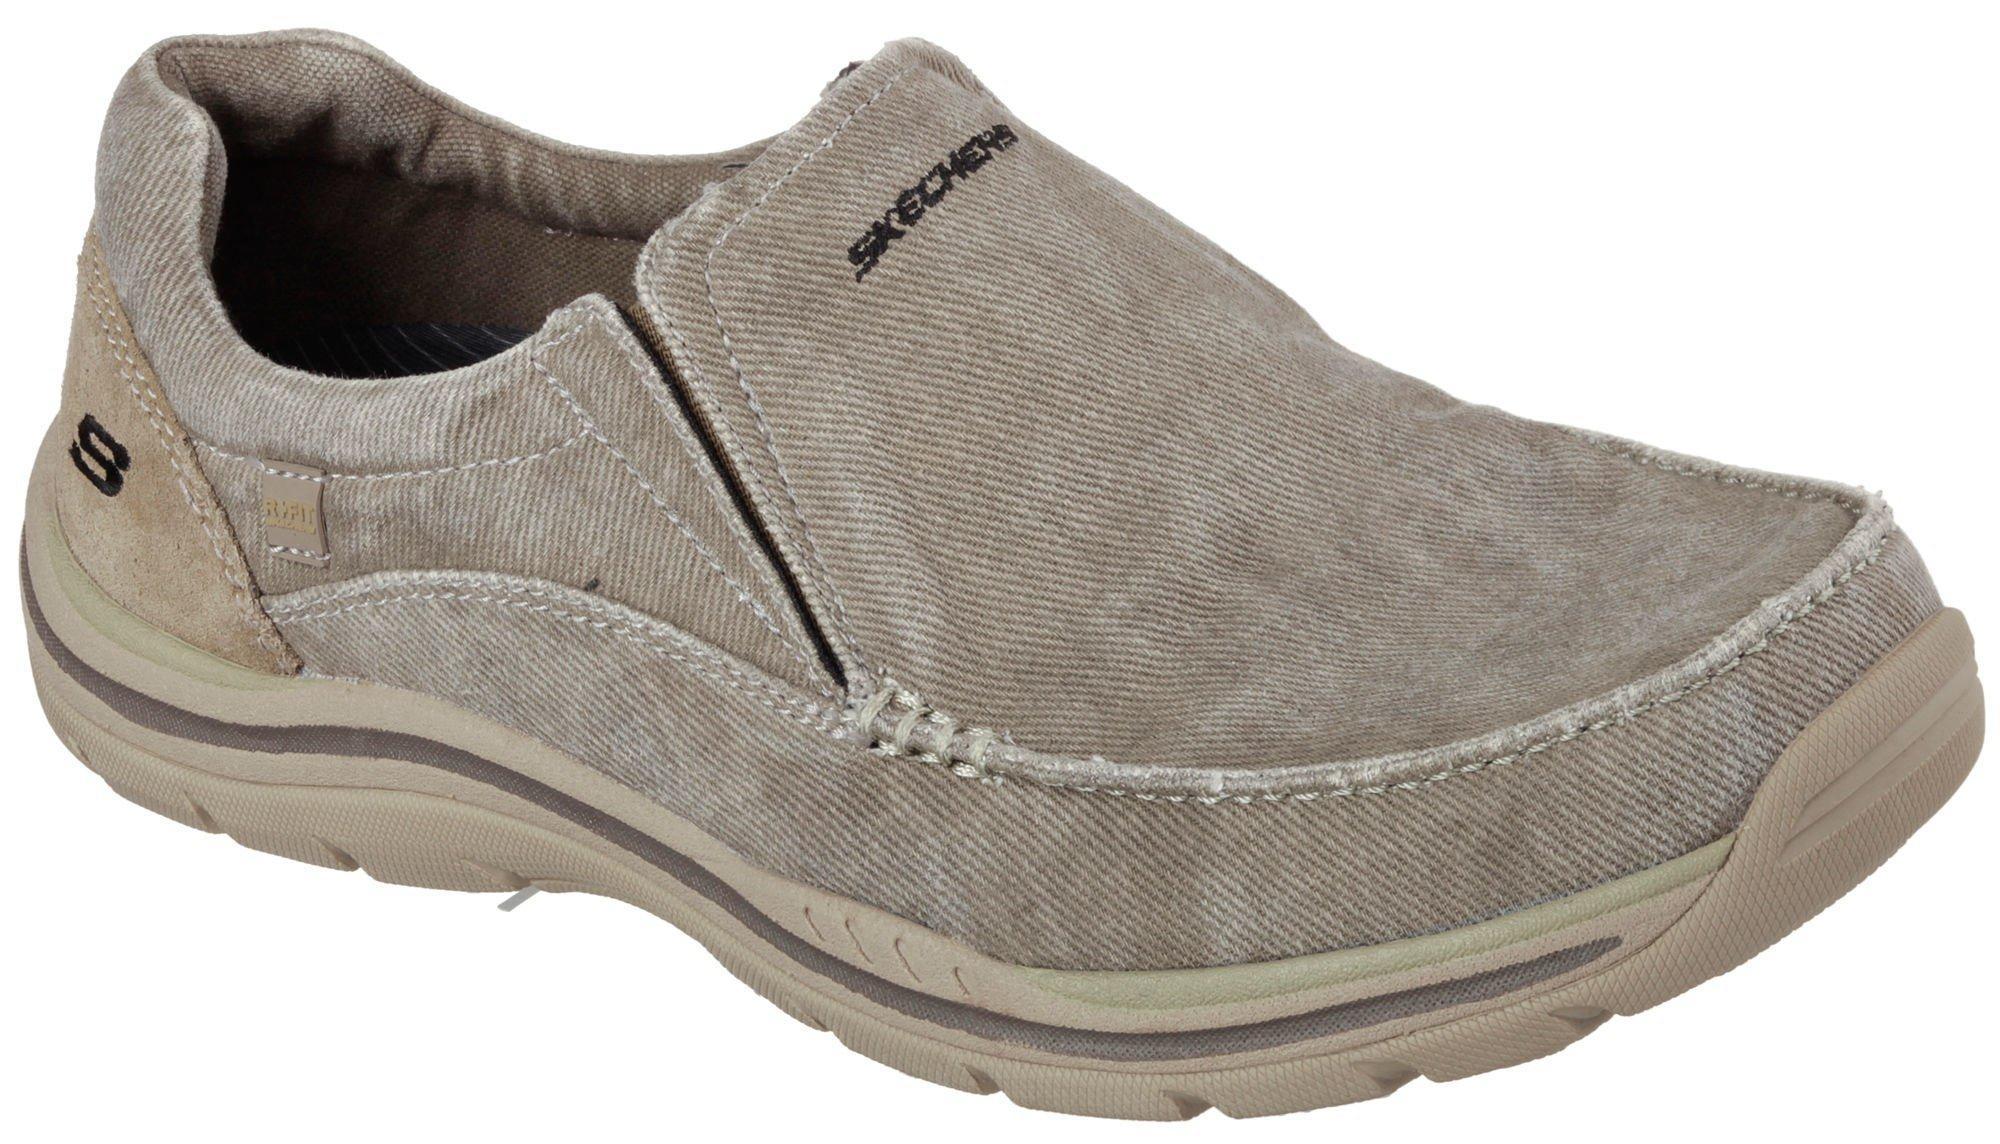 skechers men's slip on shoes